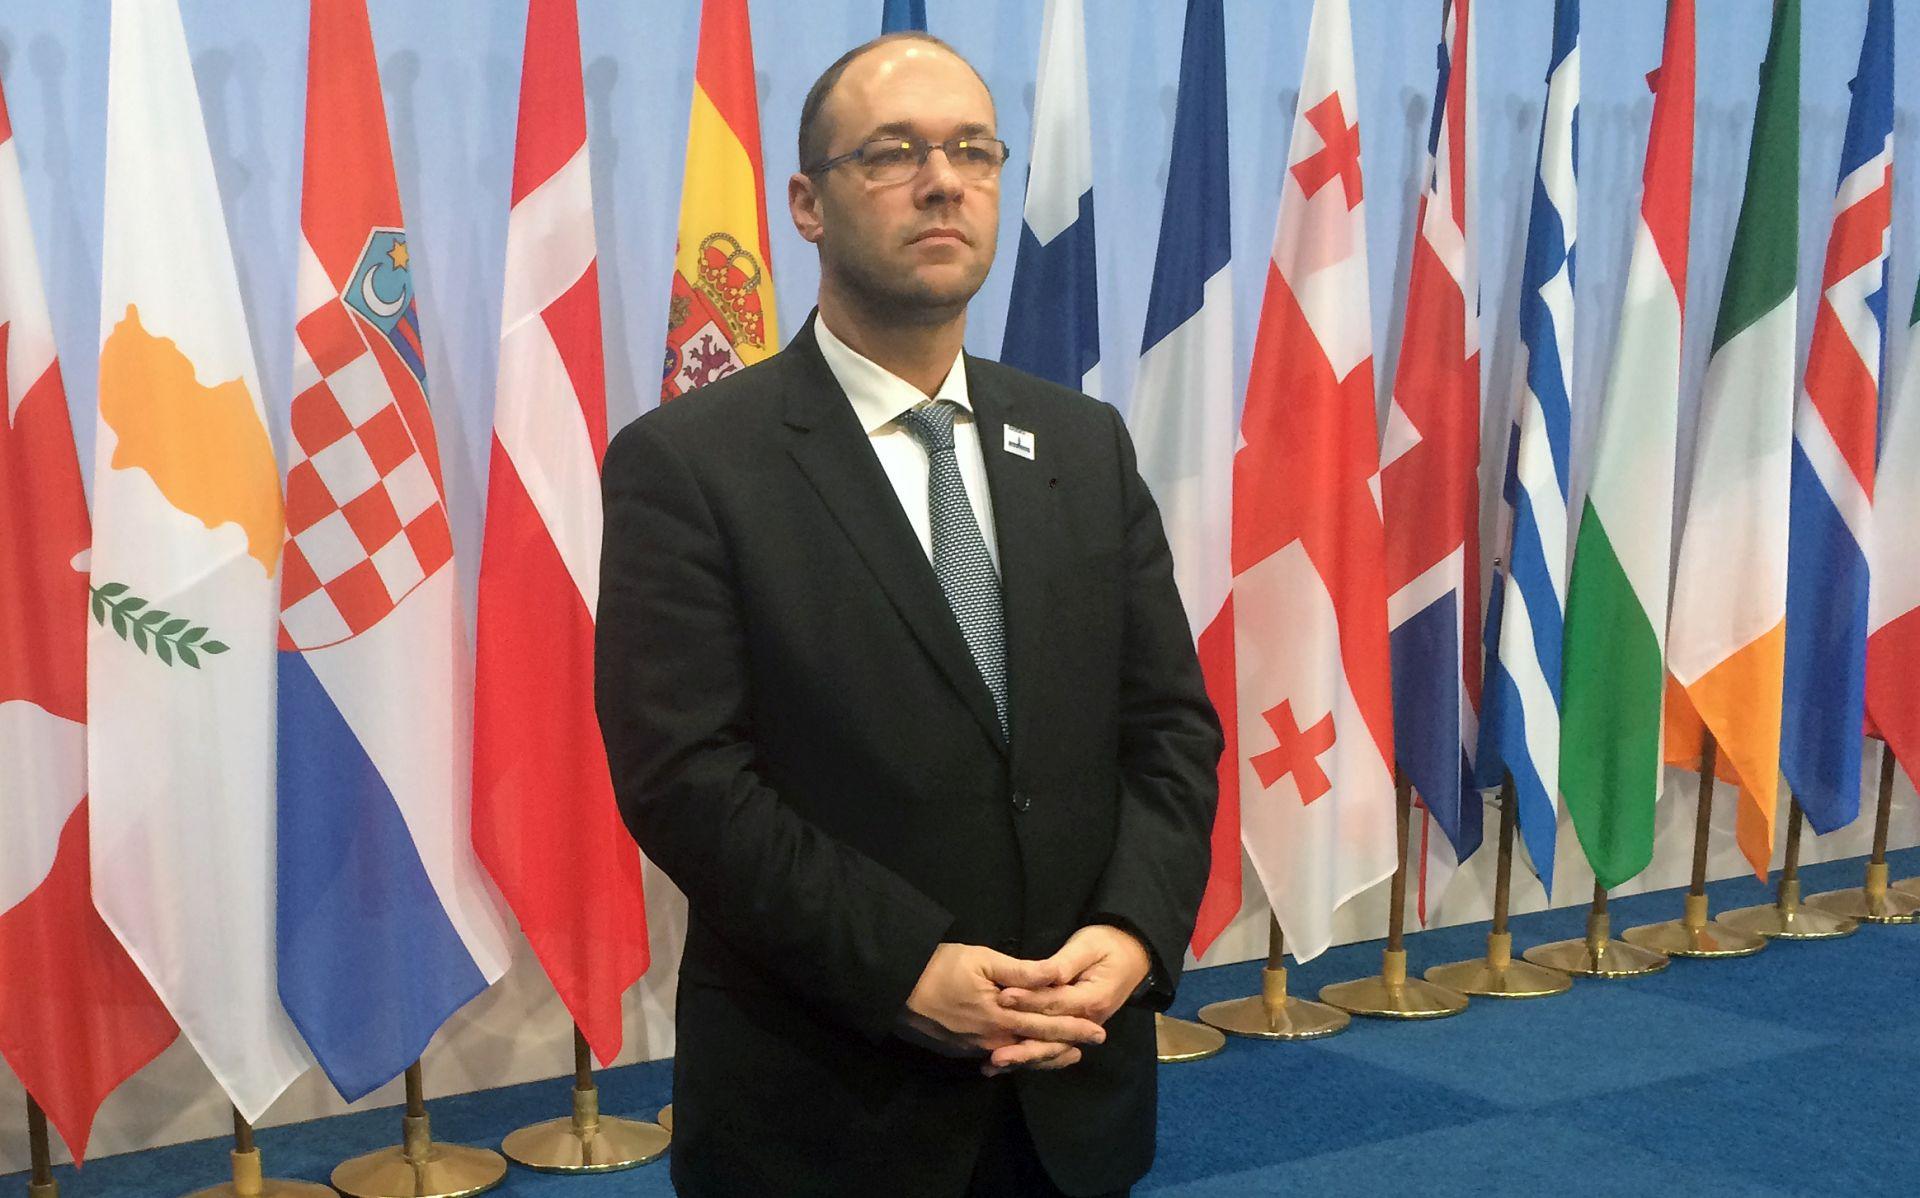 Stier uputio sućut Lavrovu zbog ubojstva veleposlanika u Ankari